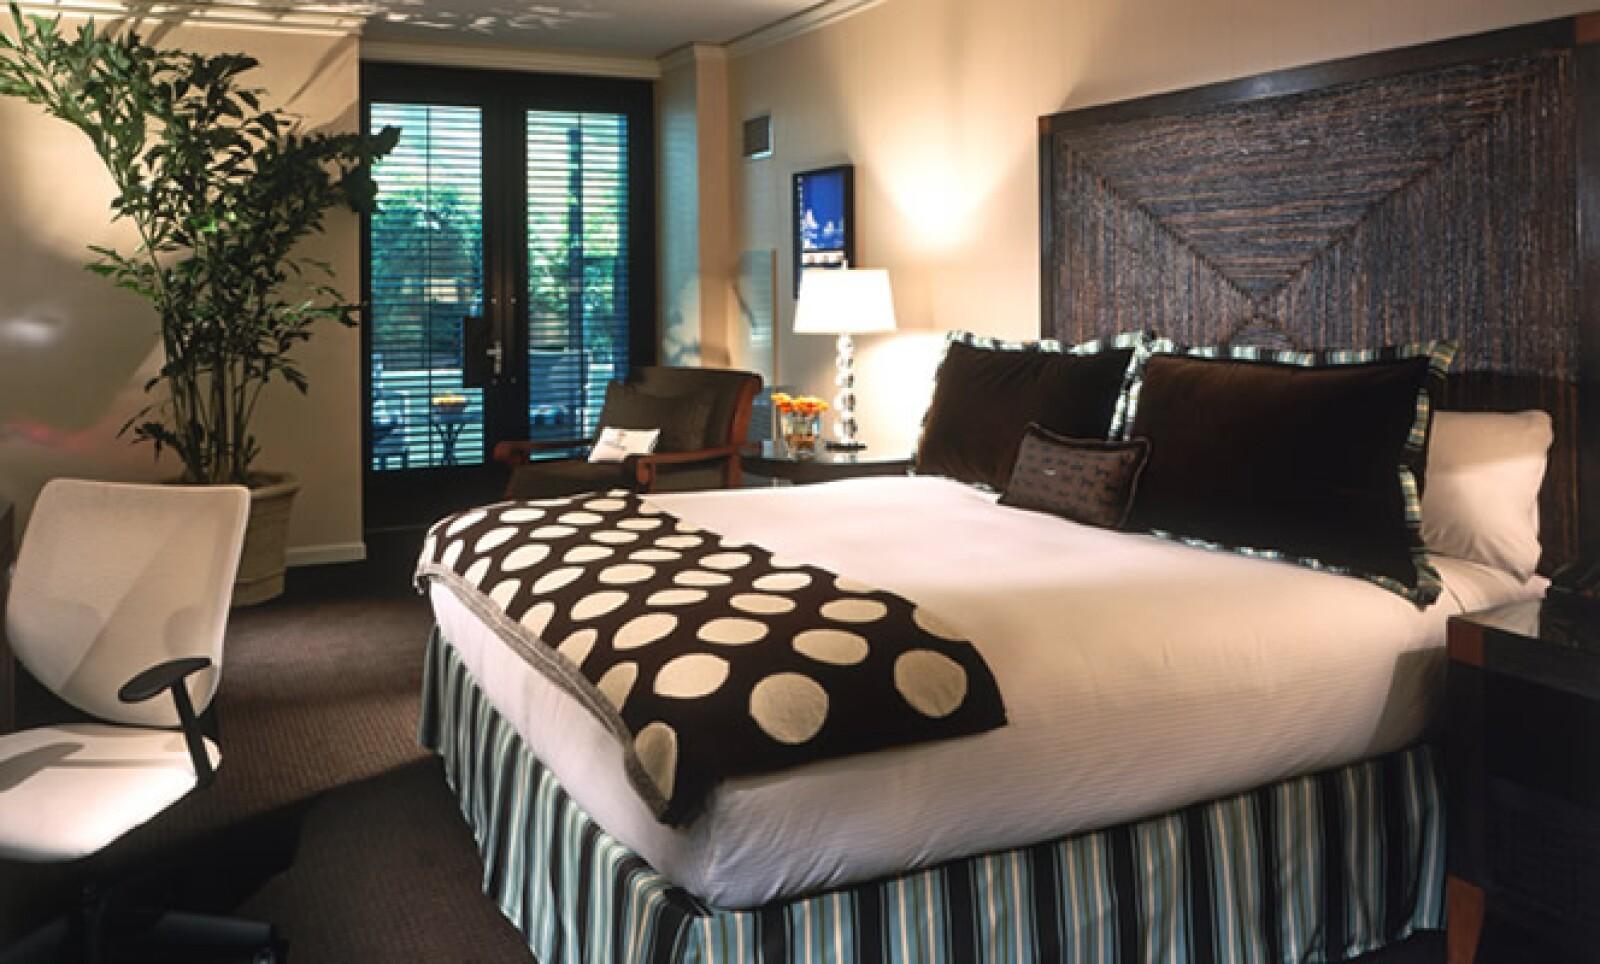 La Travel + Leisure  lo enlista como uno de los mejores hoteles de San Diego.